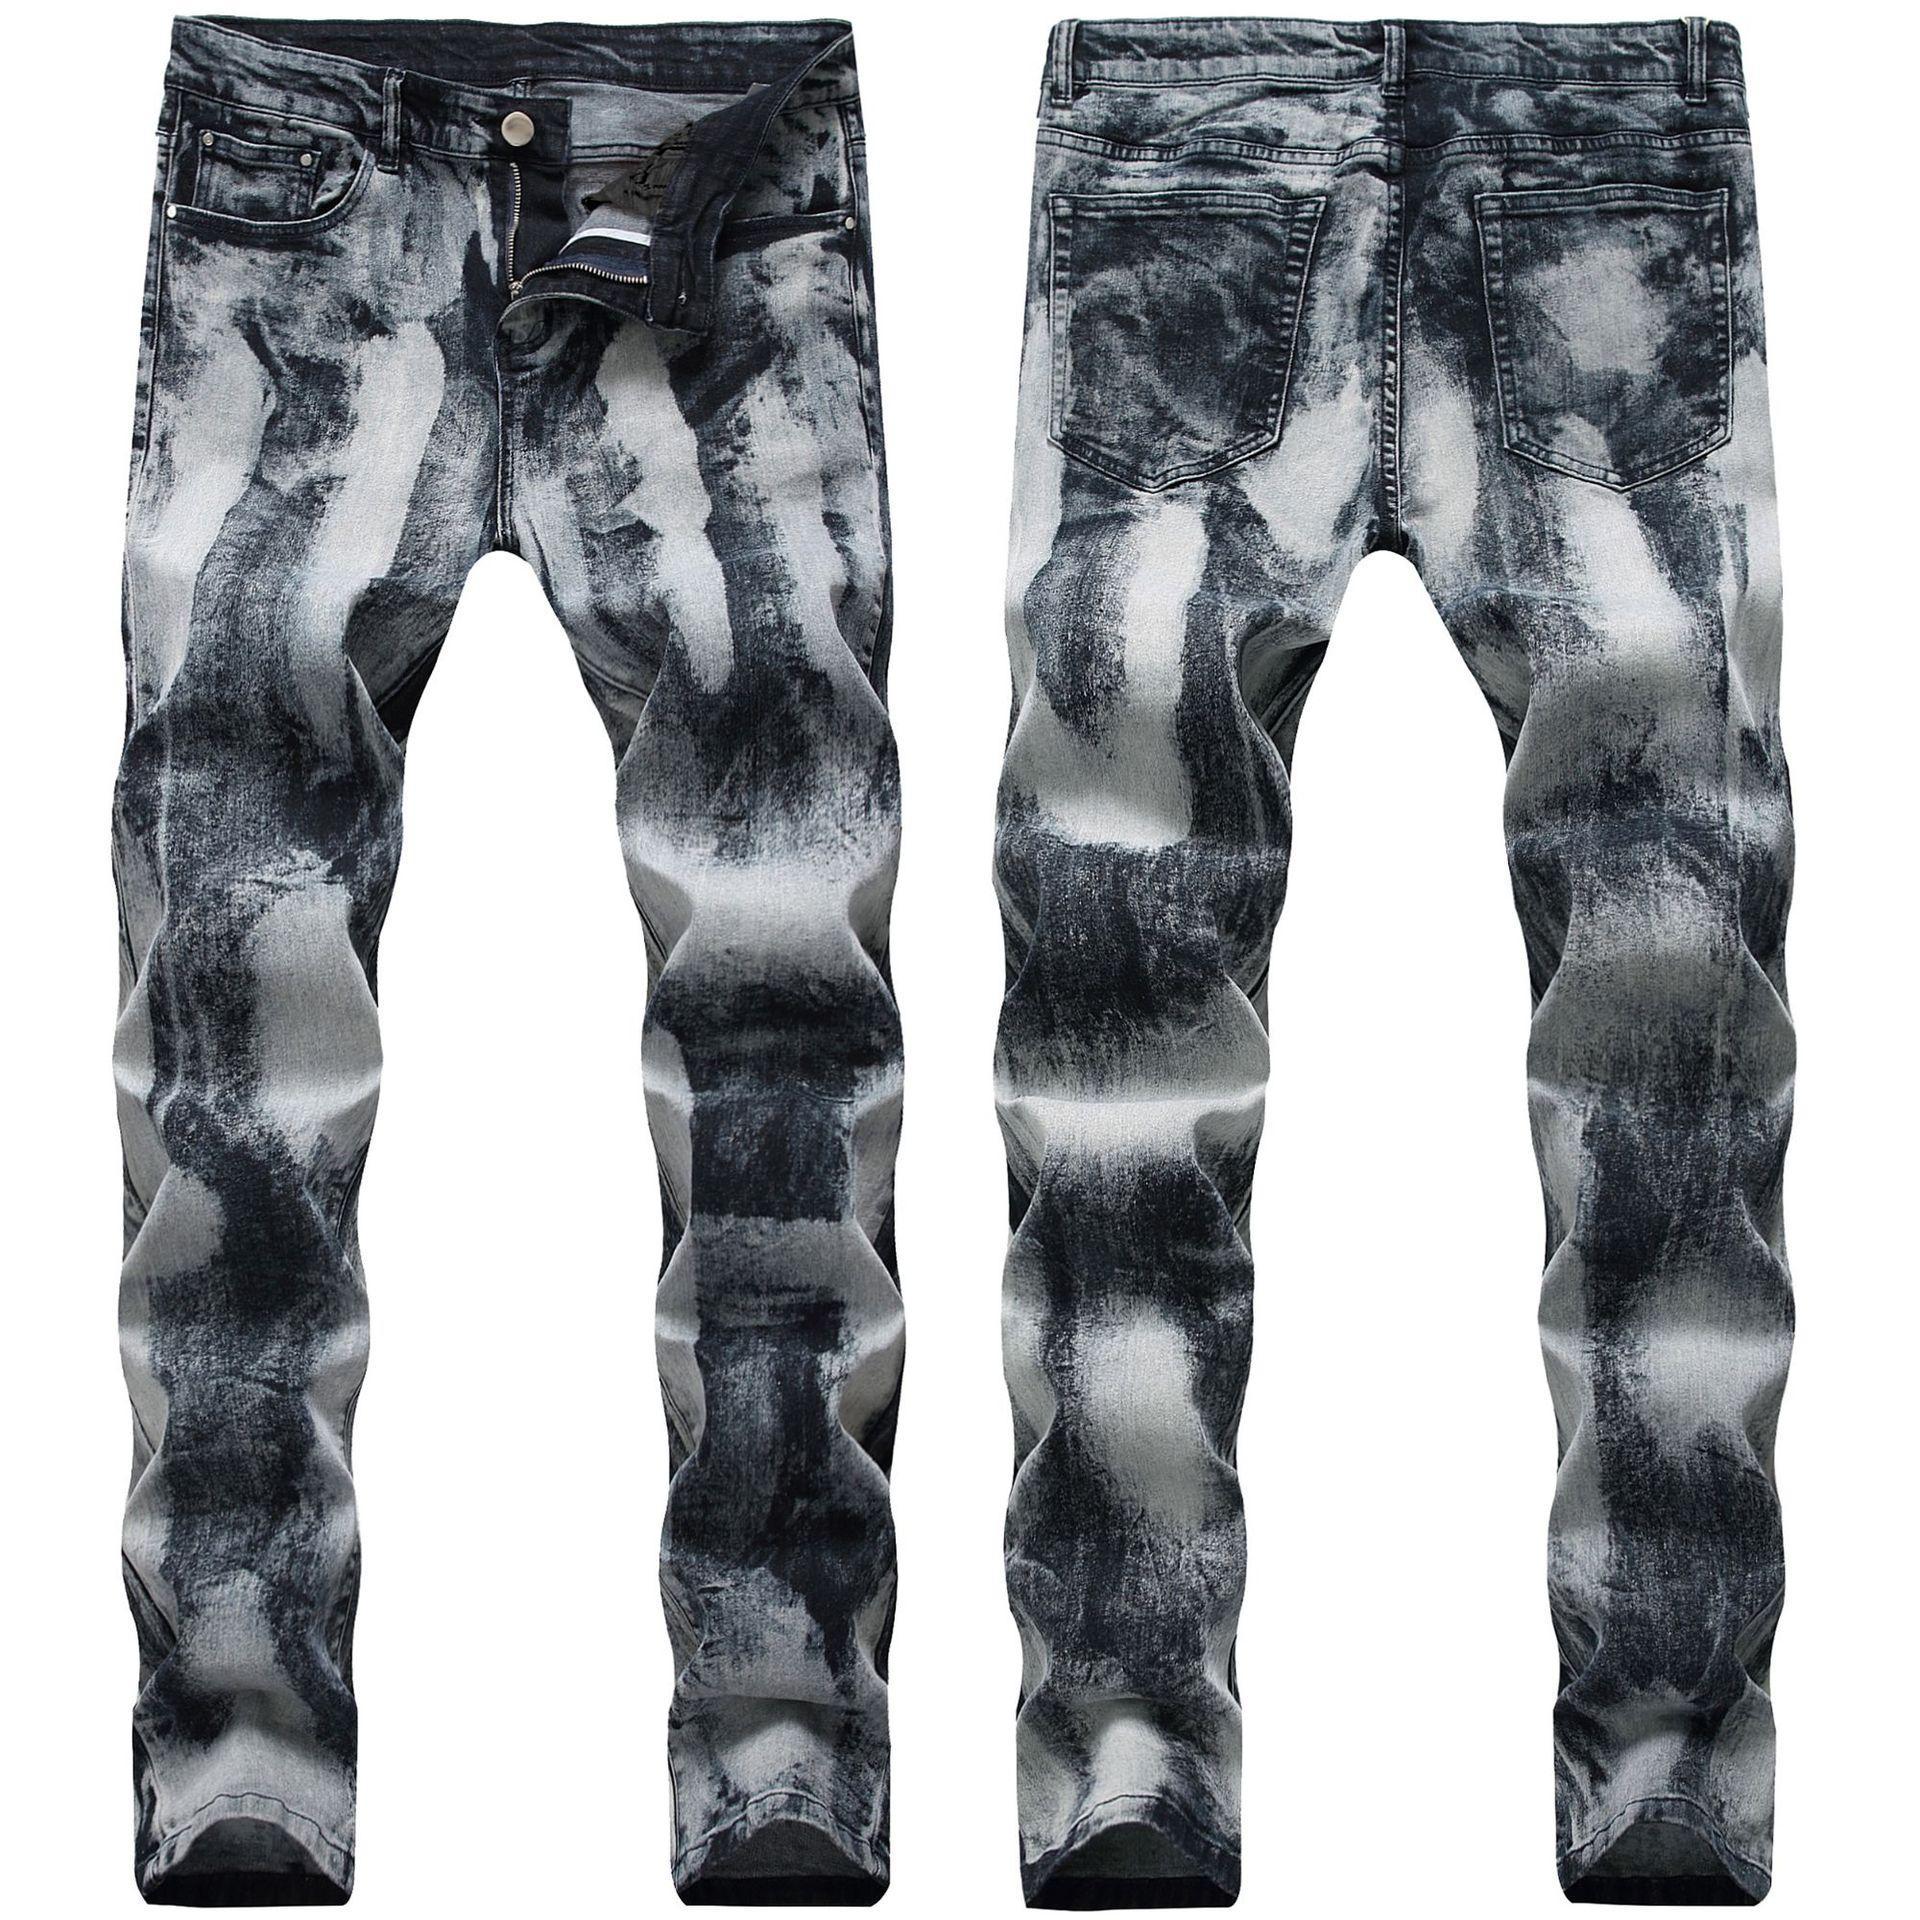 Sıska Erkek Vintage Kot Serin Erkekler Sıkıntılı Streç Kot Slim Fit Düz Denim Yıkanmış Biker Jeans Hip Hop Erkekler Streetwear 0766 #